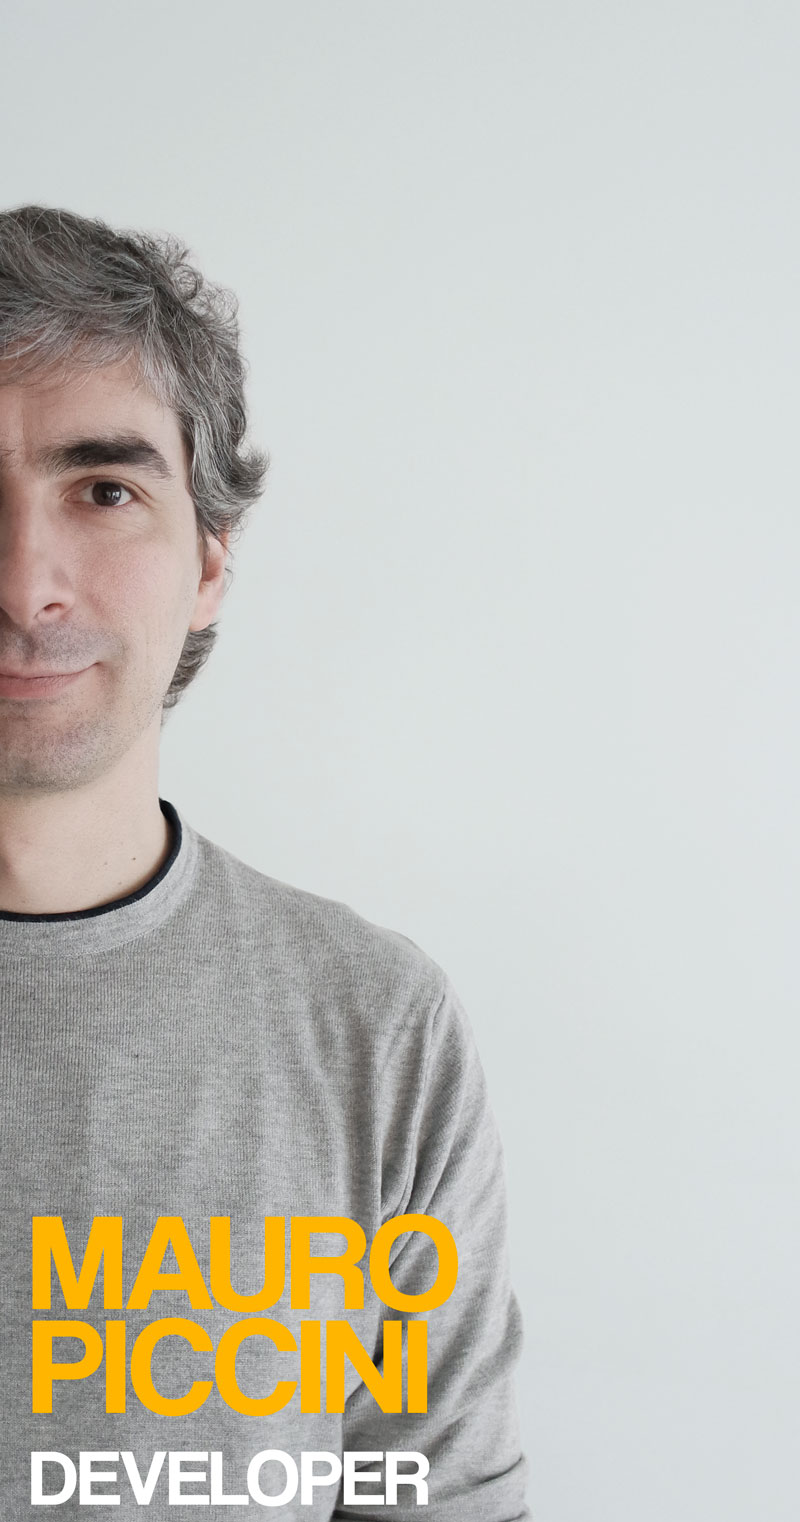 Mauro Piccini